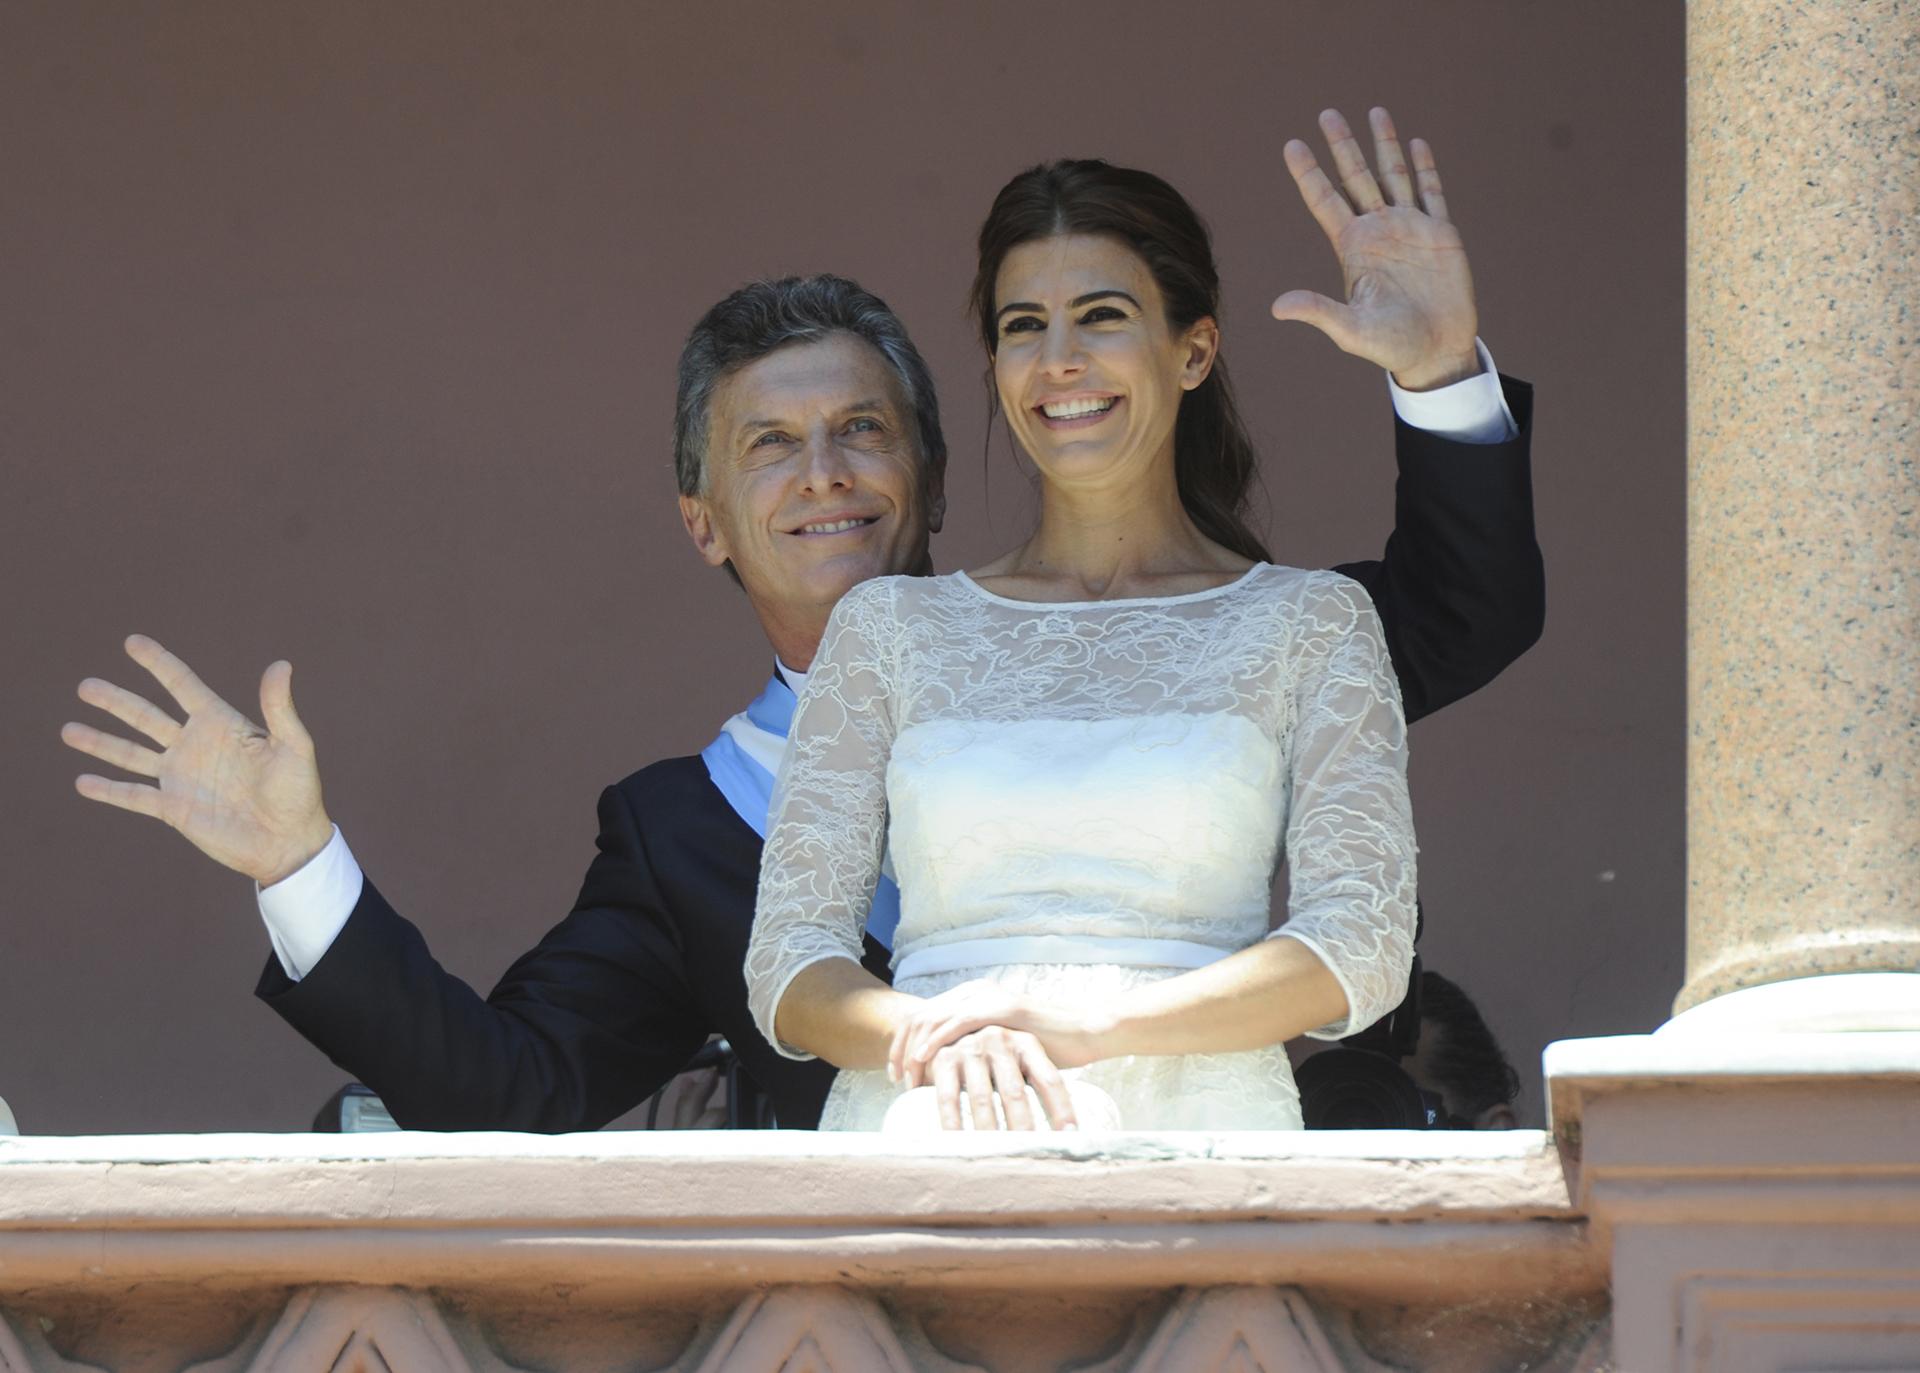 El Presidente Mauricio Macri junto a su esposa, bailando en el balcon de la Casa Rosada, luego de su asunción (Juan Roleri)